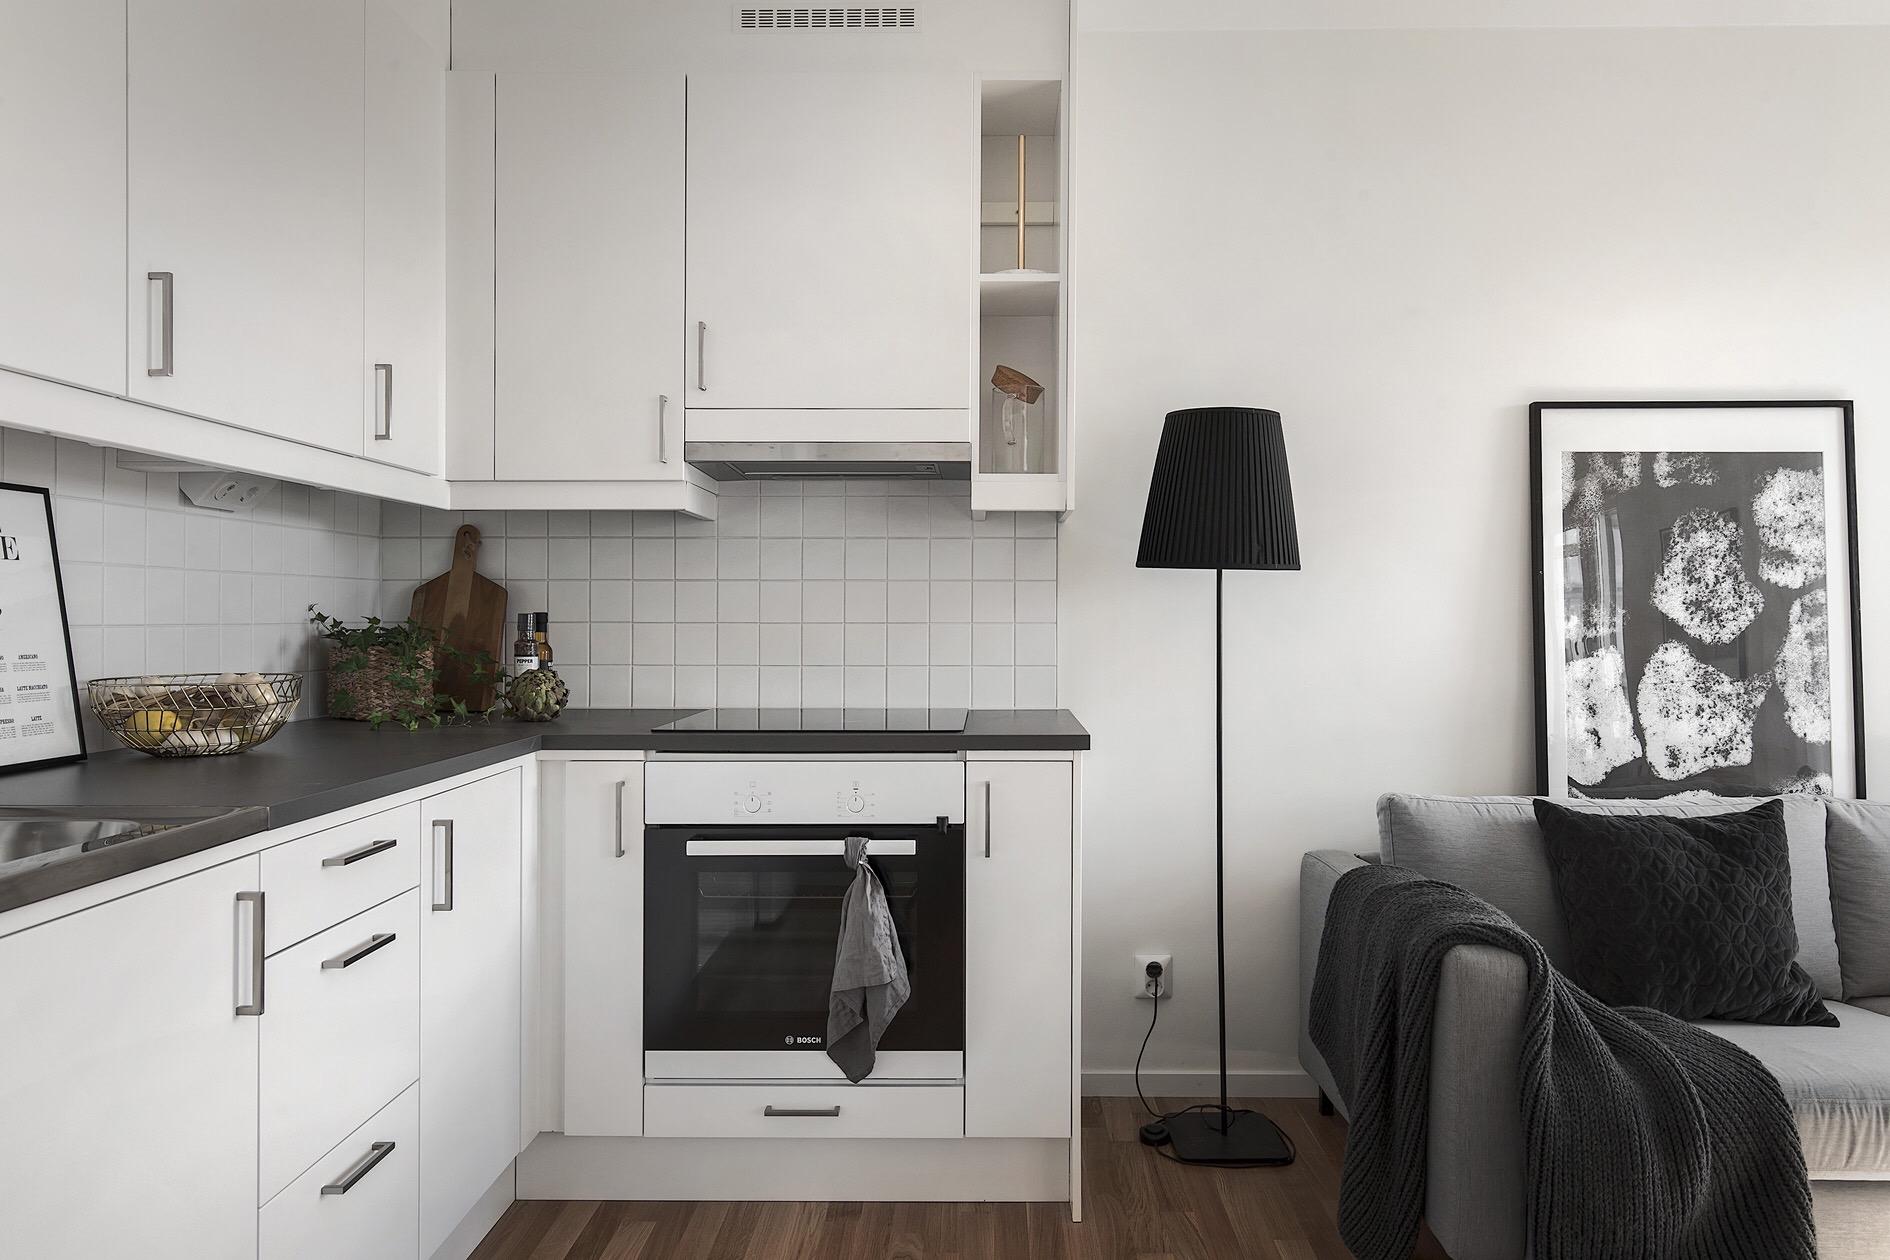 кухня встроенная вытяжка плита